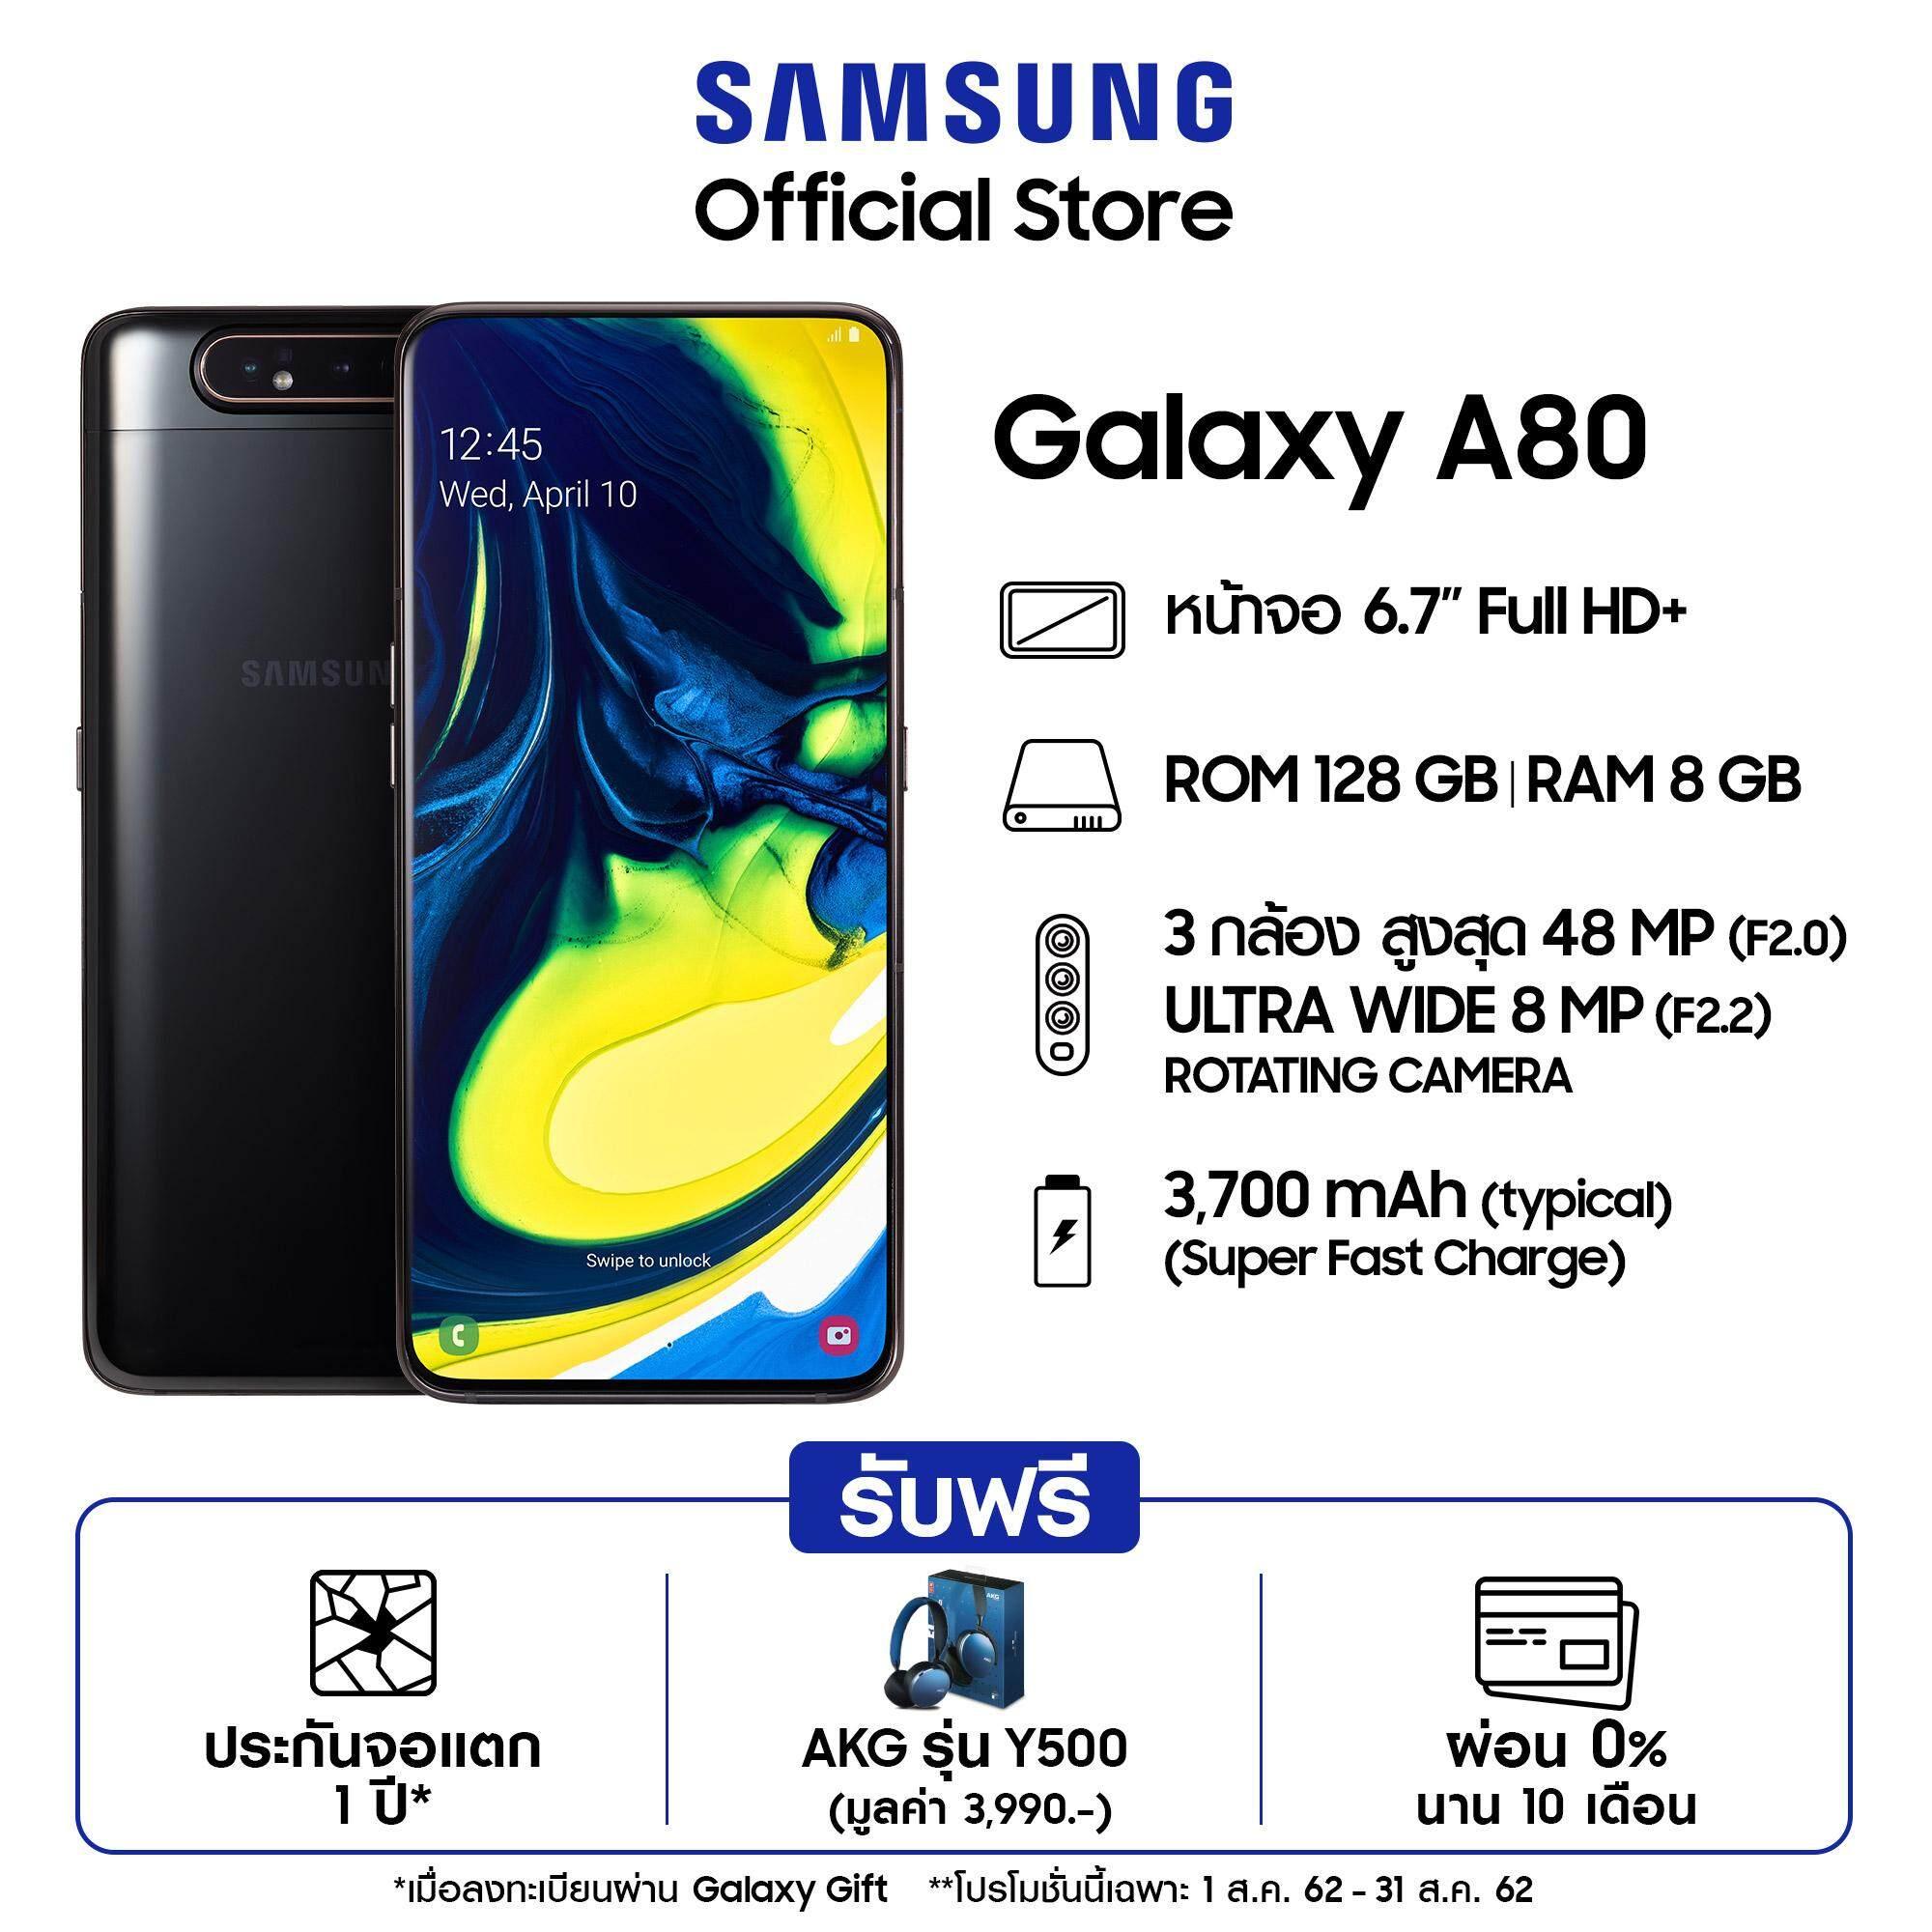 ซัมซุง SAMSUNG โทรศัพท์ซัมซุง มือถือซัมซุง ราคาถูก | Lazada